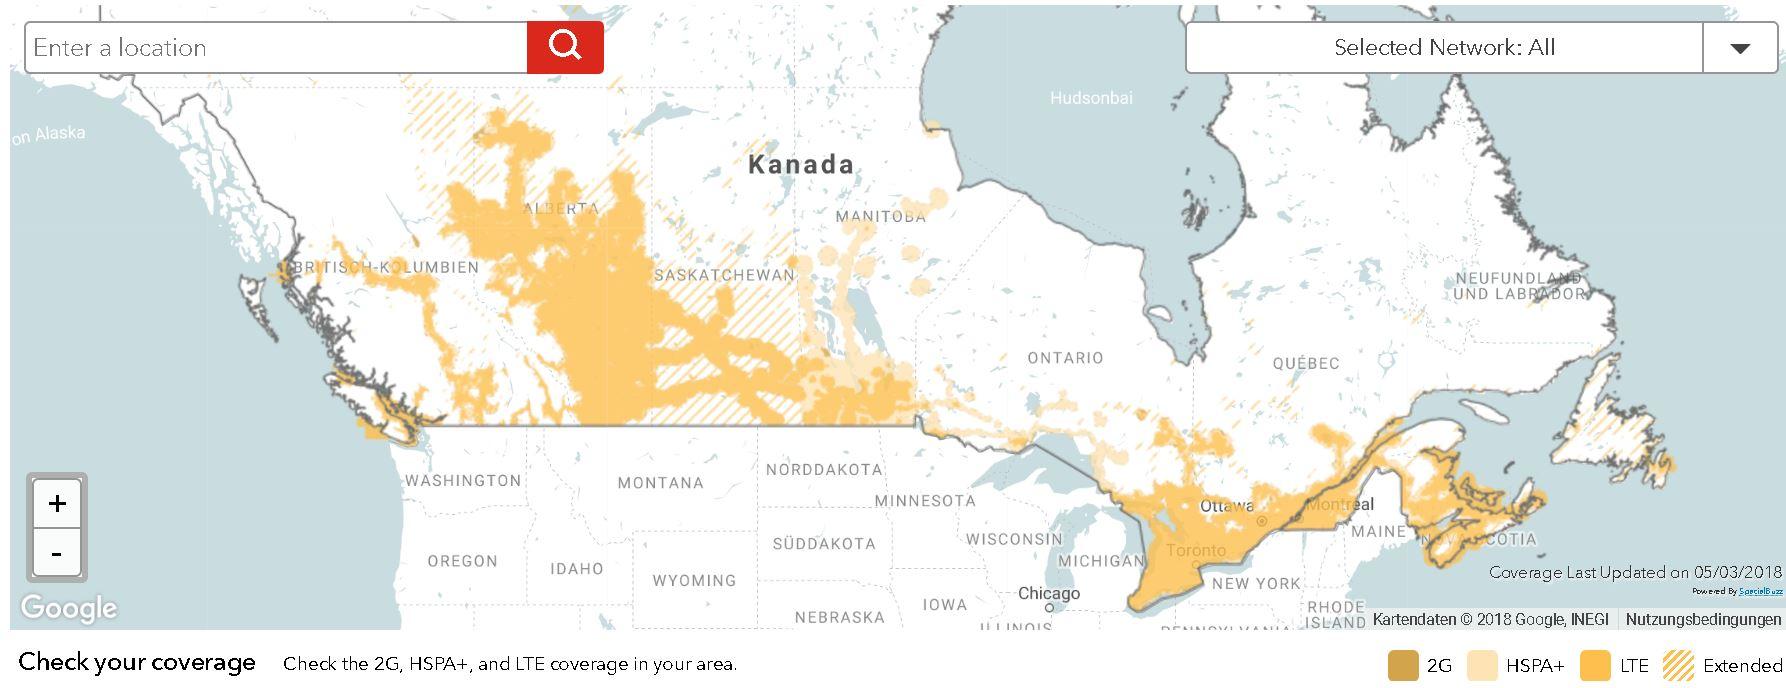 Netzabdeckung von Rogers Kanada